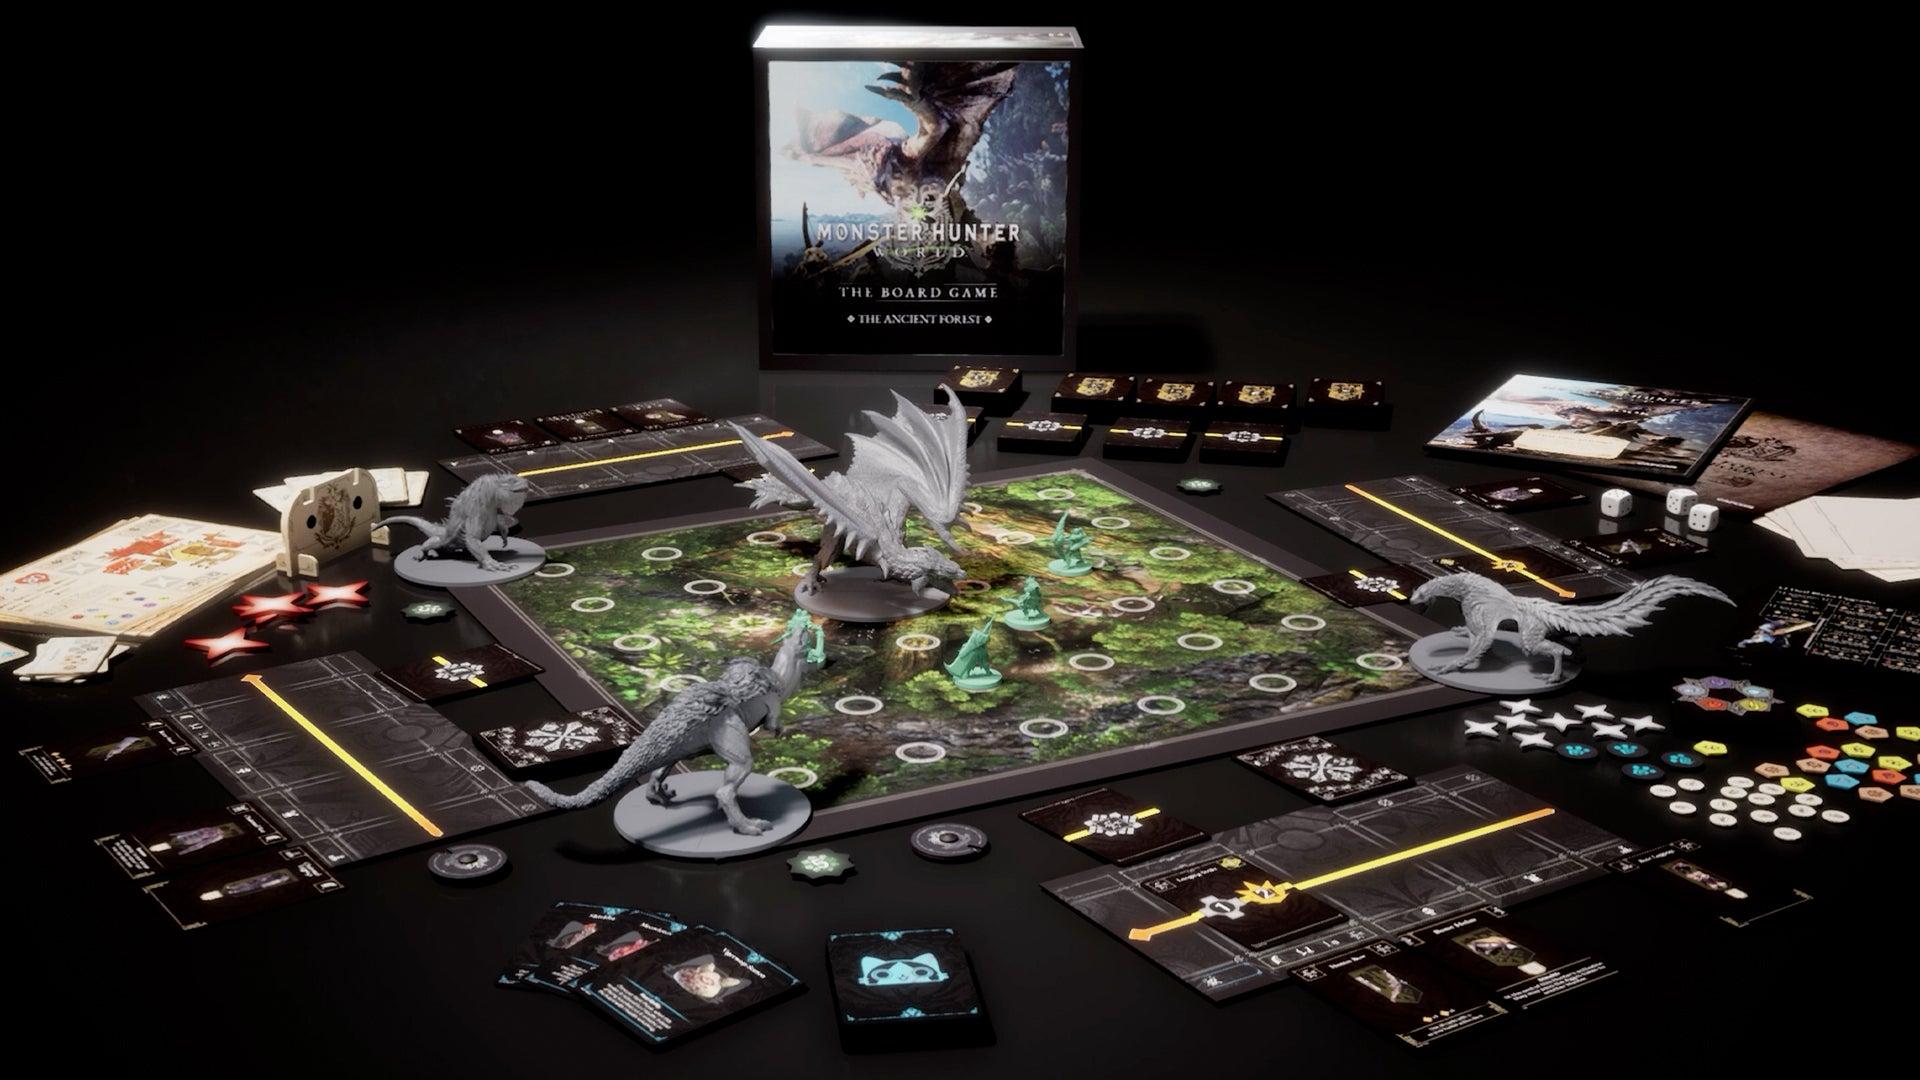 monster-hunter-board-game-gameplay-teaser.jpg